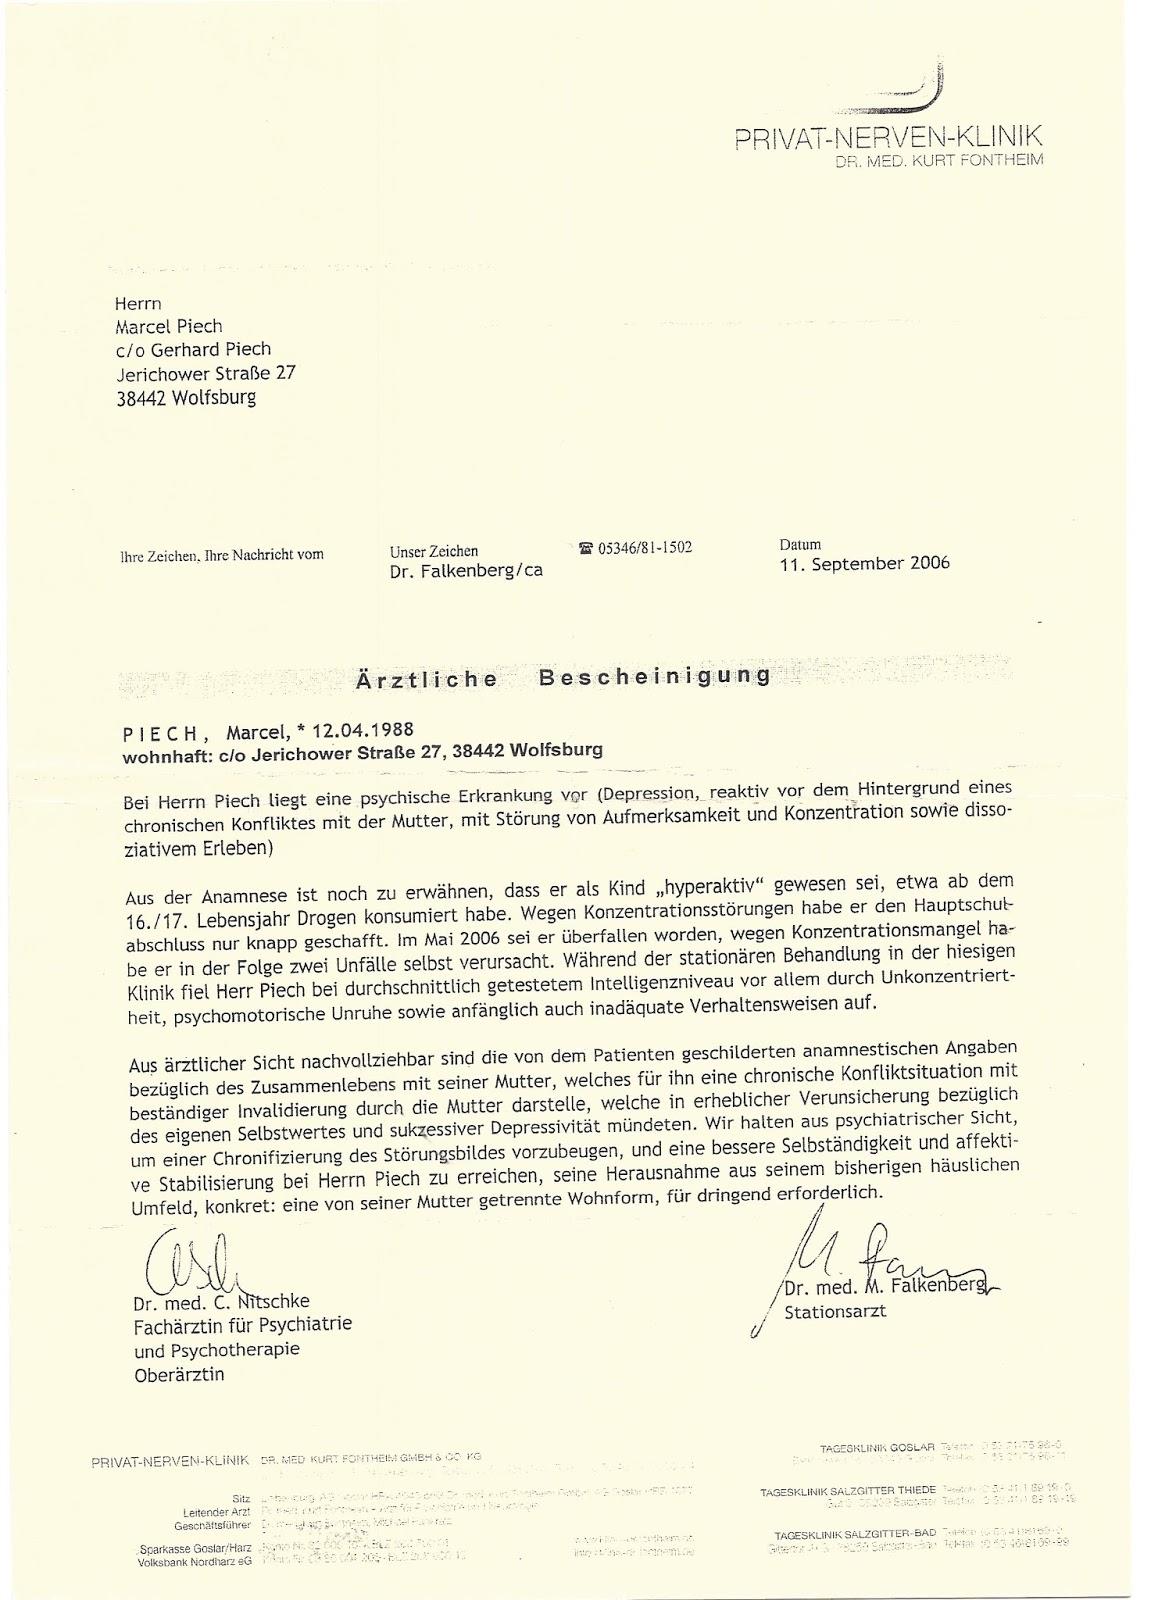 Ärztliche Bescheinigung über psychaitrischen Aufenthalt Marcel Piech ...